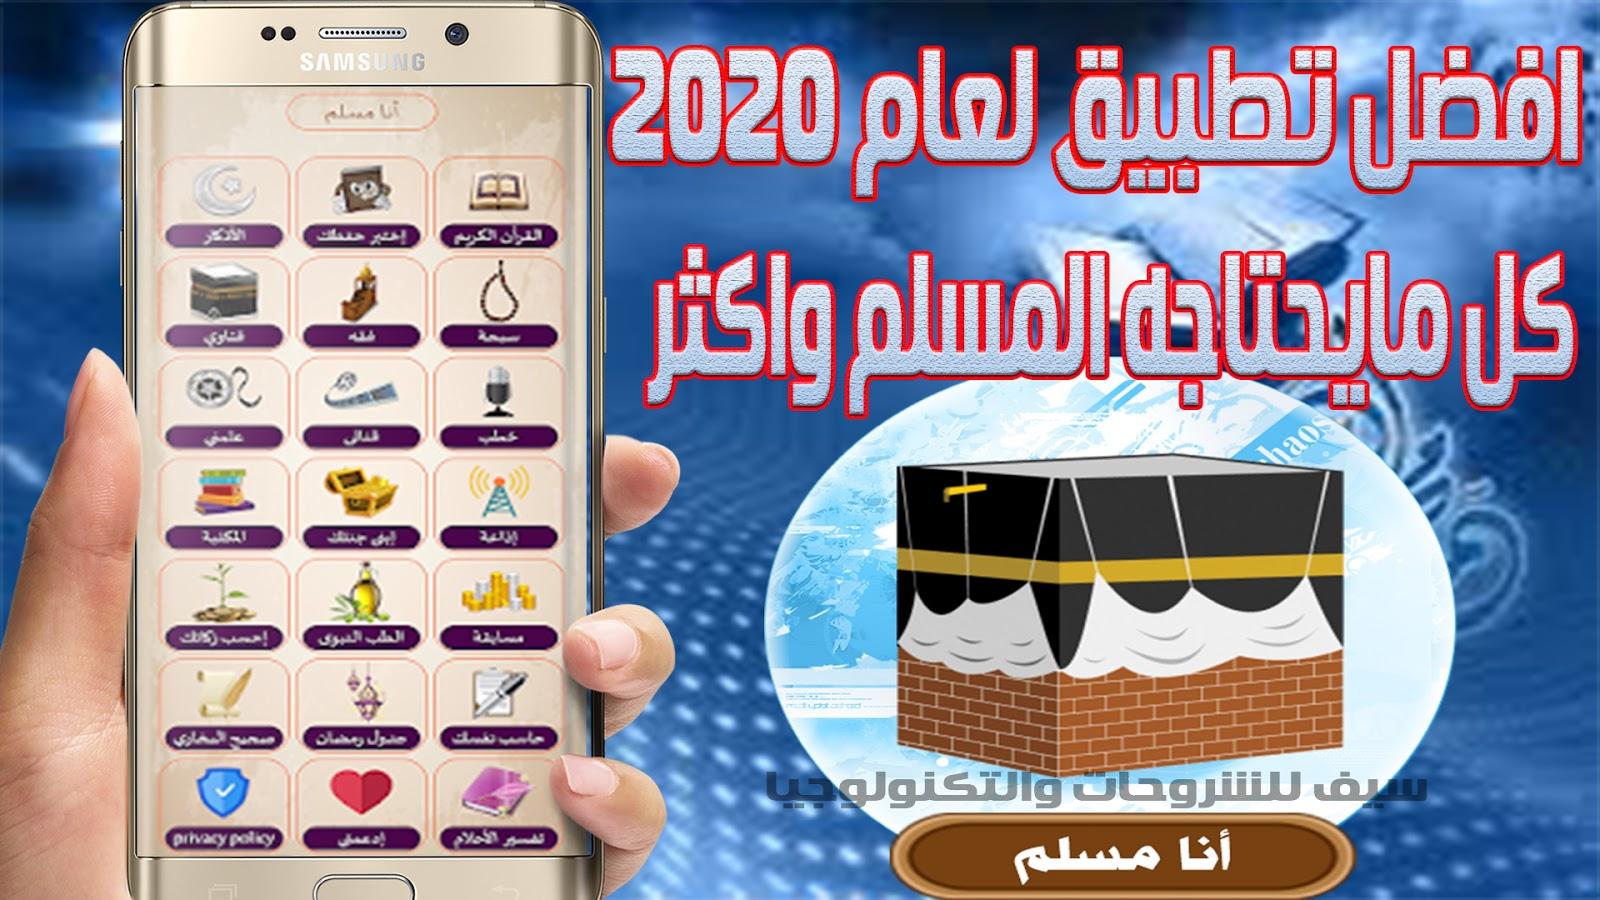 تحميل التطبيق الاول لكل مسلم لعام 2020 ( القران الكريم - المصحف المعلم - السبحة - فتاوي - خطب - الطب النبوي - تفسير الاحلام - الفقة)